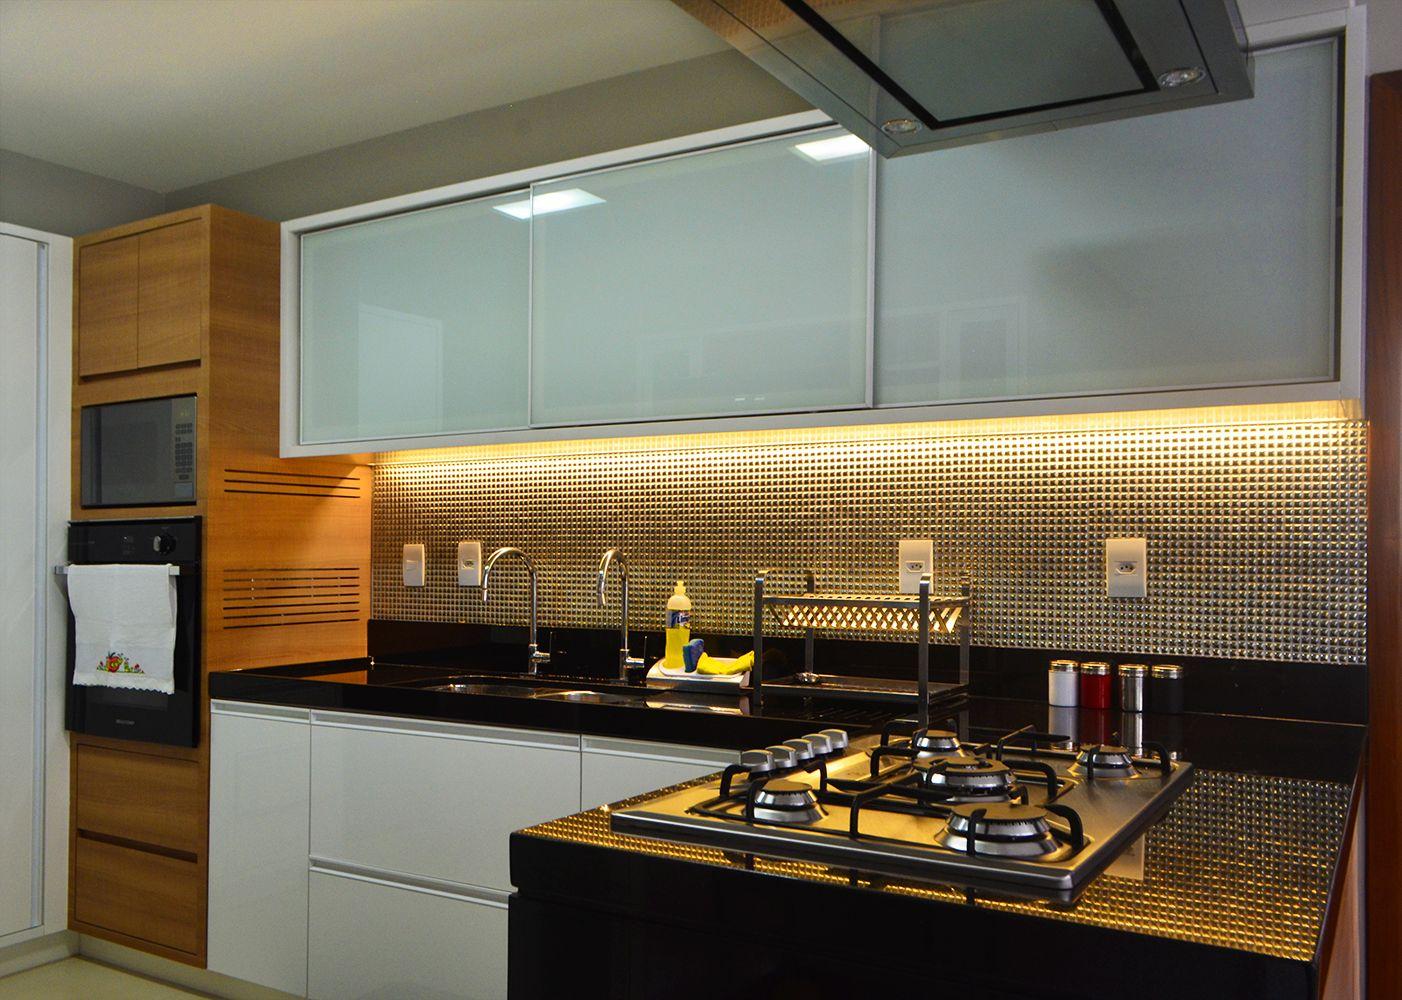 Cozinha Moderna Com Revestimento Em Mini Pastilhas Dourada